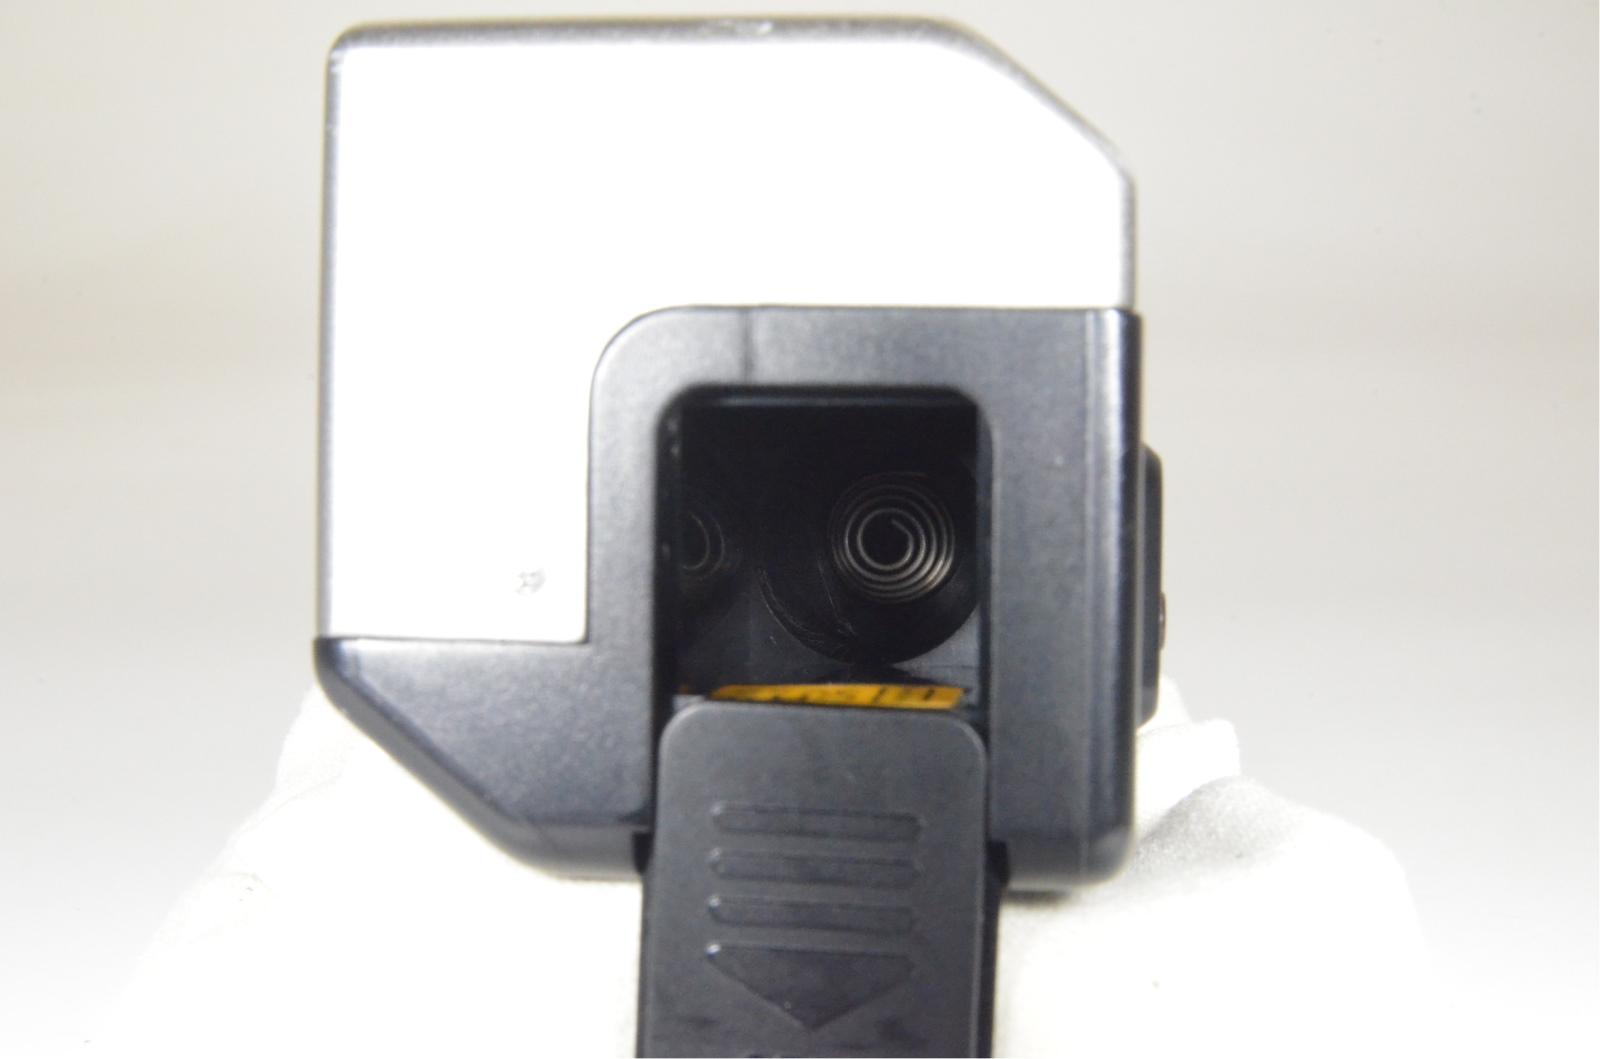 contax g2 w/ planar 45mm, biogon 28mm, sonnar 90mm, tla200, film tested